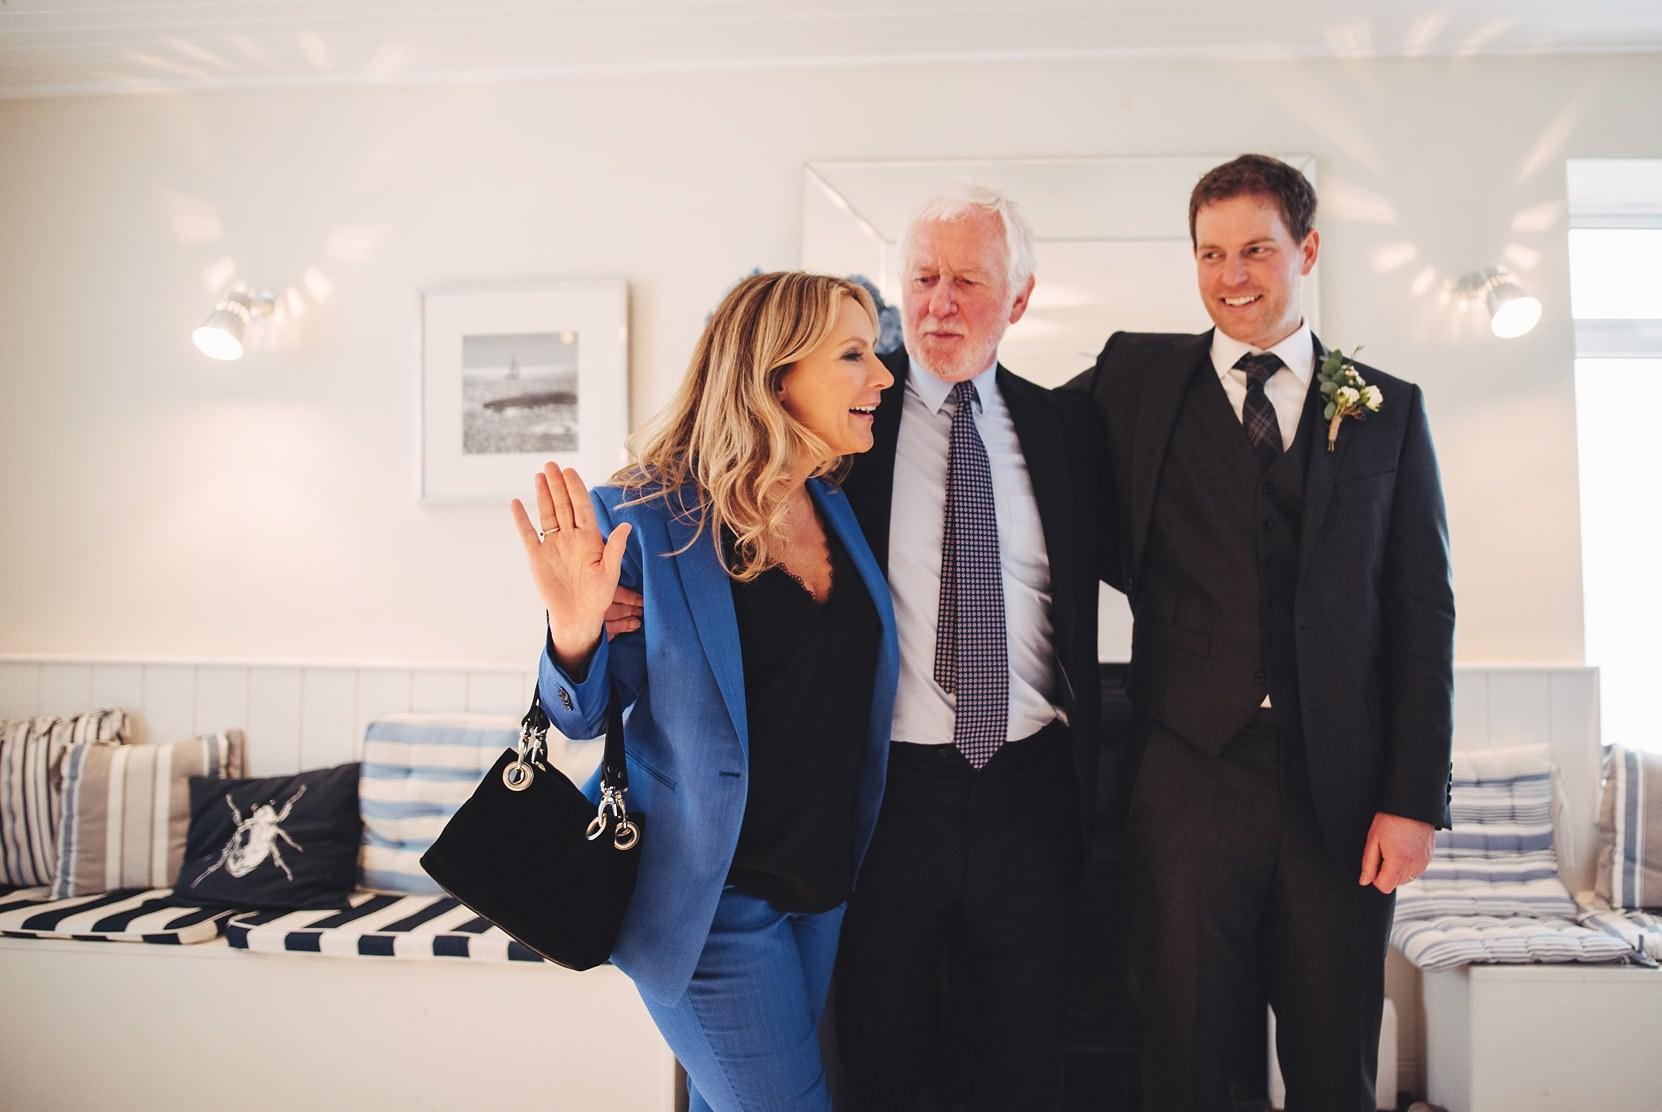 Portnoo-Wedding-Photography_0122